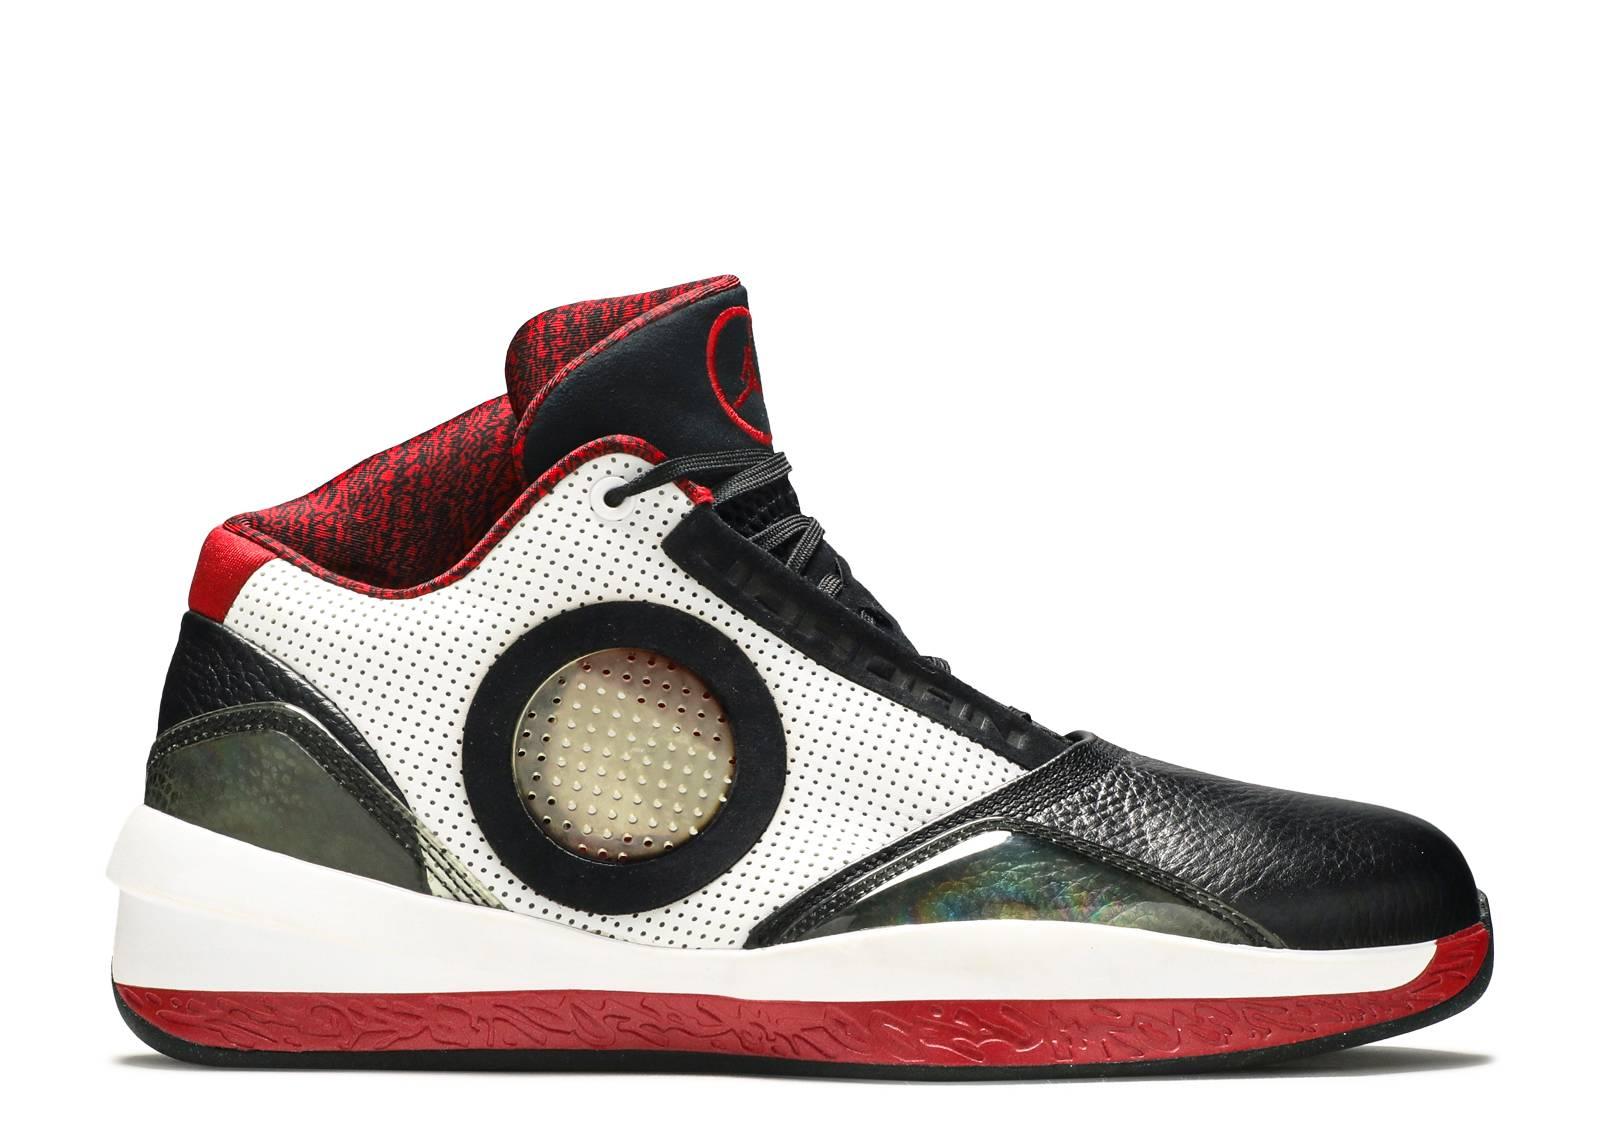 d61da6bf05a02 Air Jordan 2010